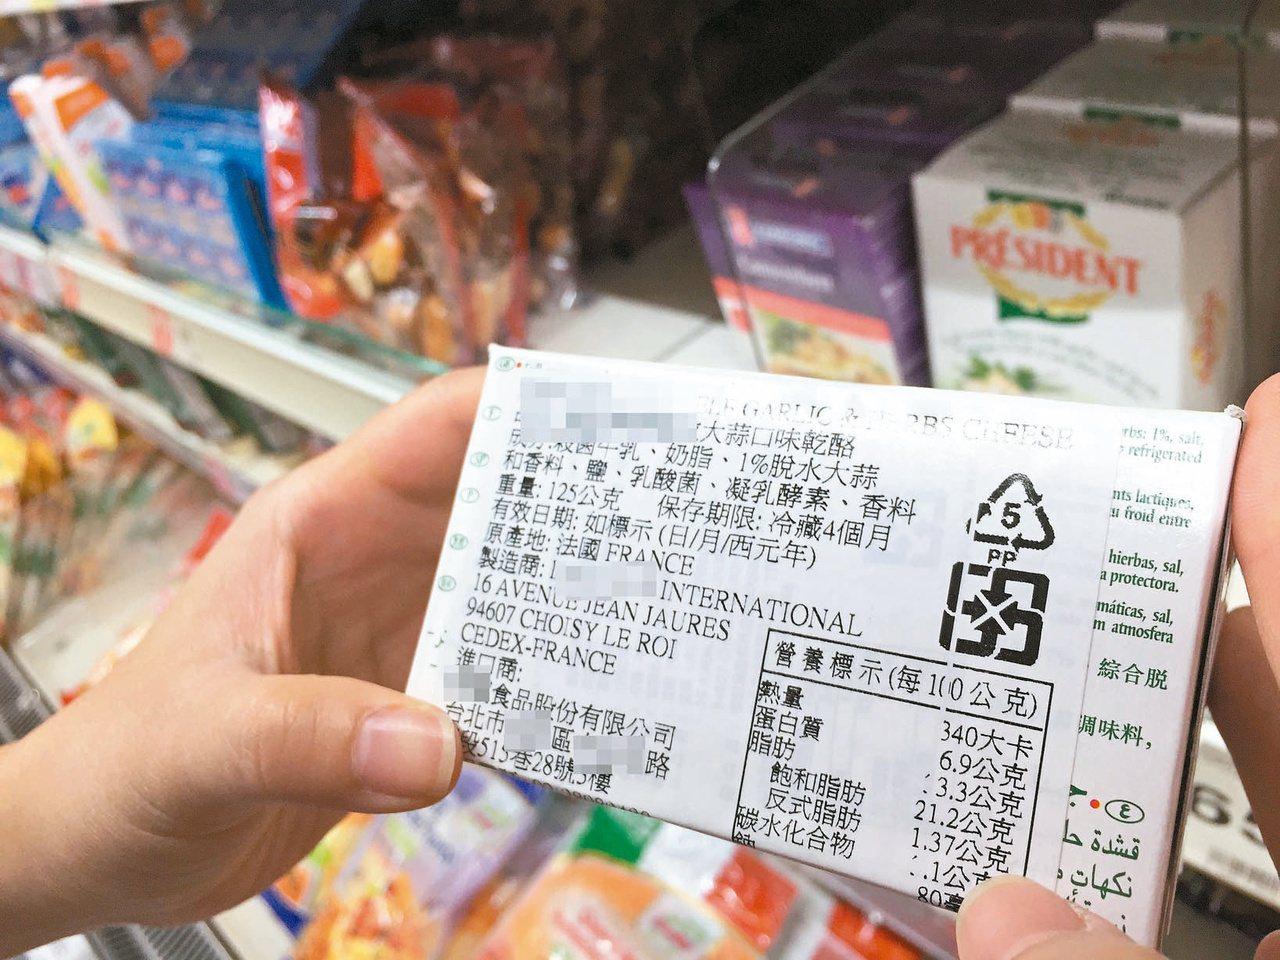 如果嘴饞,坊間也有不少低醣零食,選擇時不妨多檢視包裝上的營養及成分標示。少糖、少...